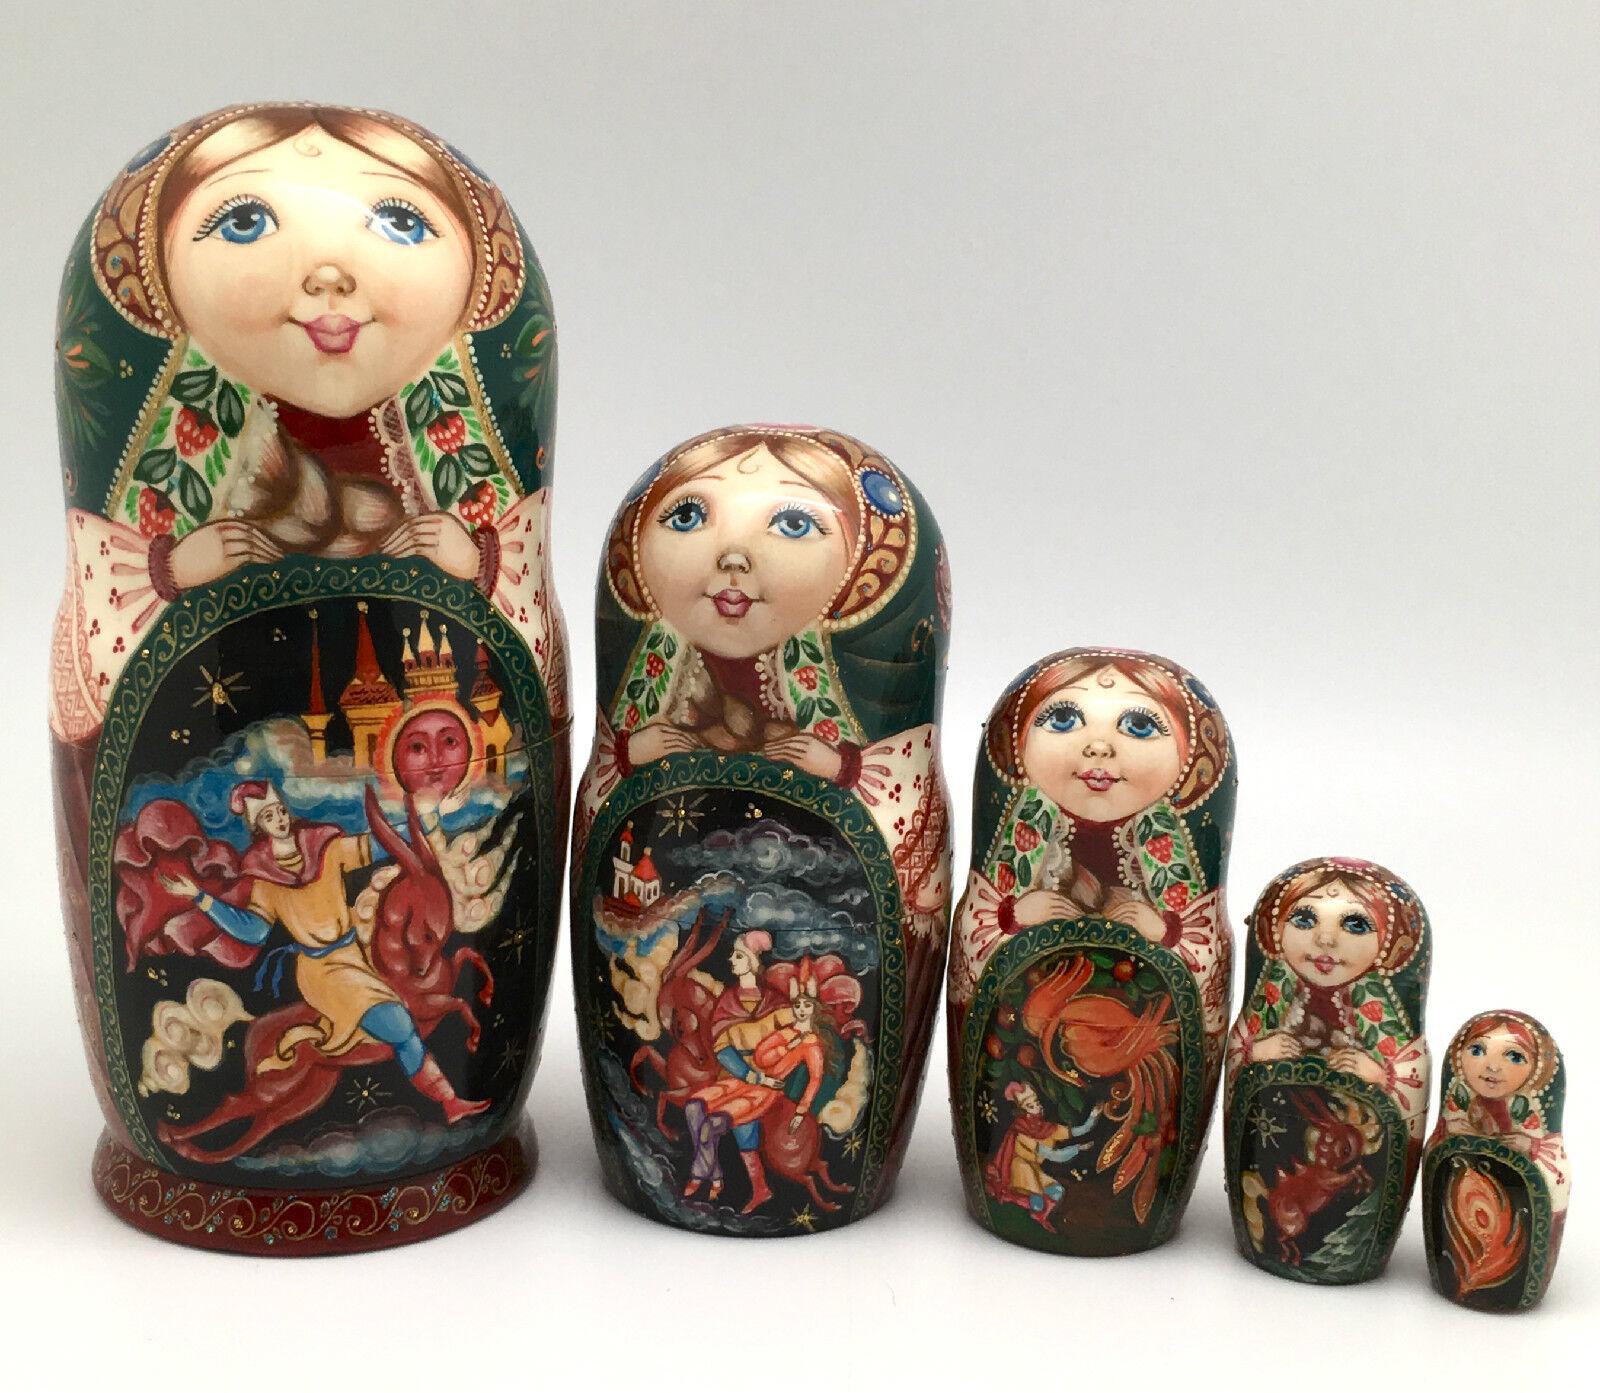 Ruso cuento de hadas  Firebird  Anidación Muñeca Tallada a Mano Pintado A Mano Firmado